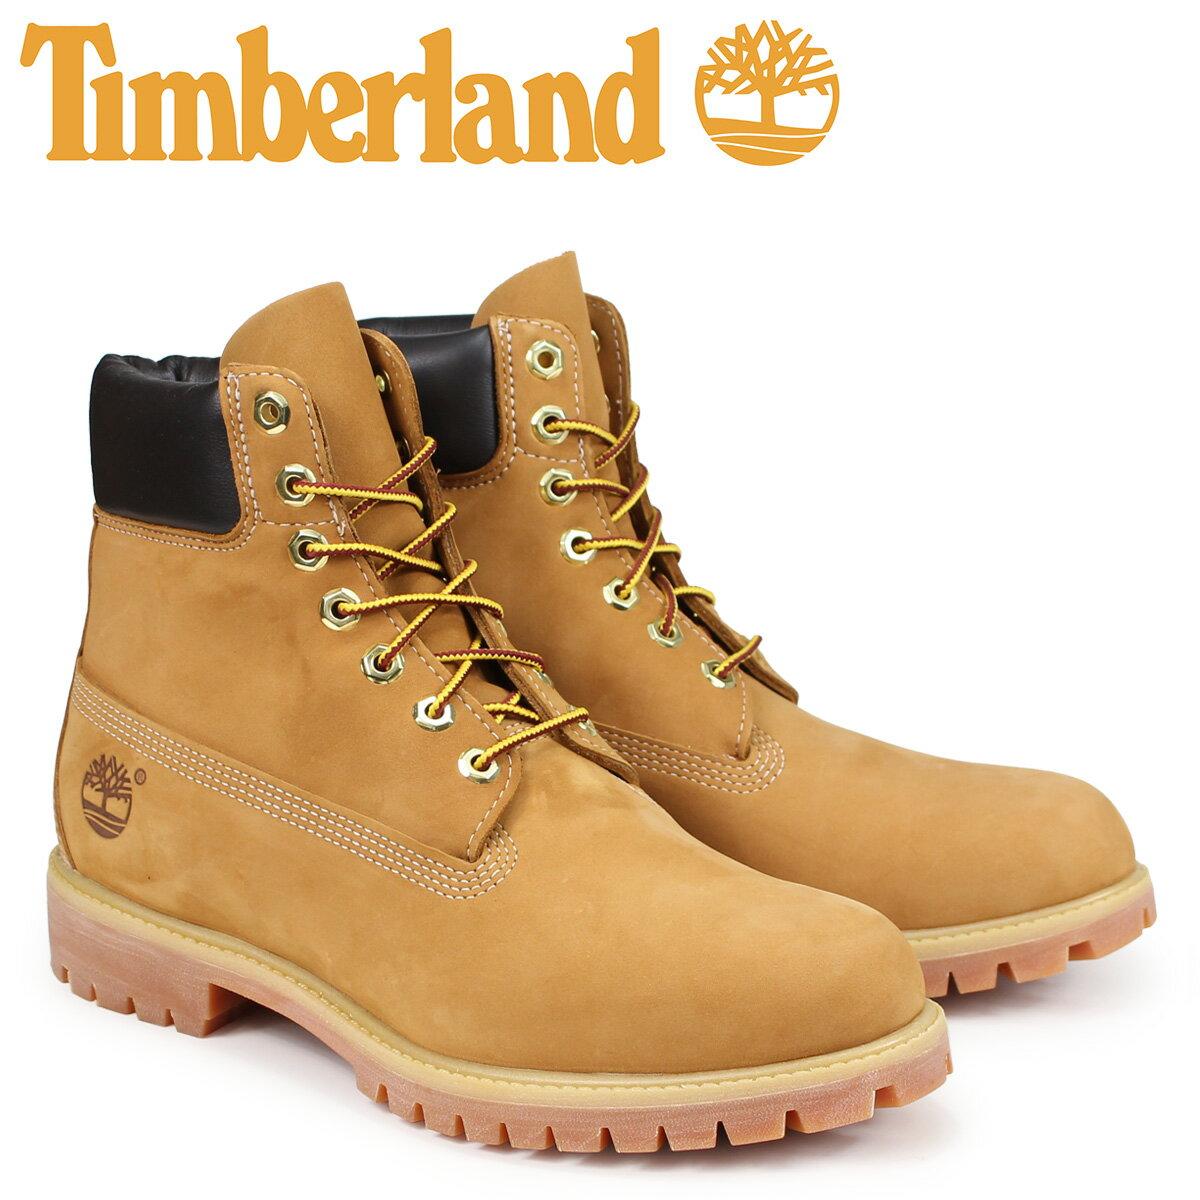 【最大2000円OFFクーポン】 Timberland MENS 6-INCH PREMIUM WATERPROOF BOOTS ティンバーランド ブーツ メンズ 6インチ イエロー 10061 [3/19 再入荷]